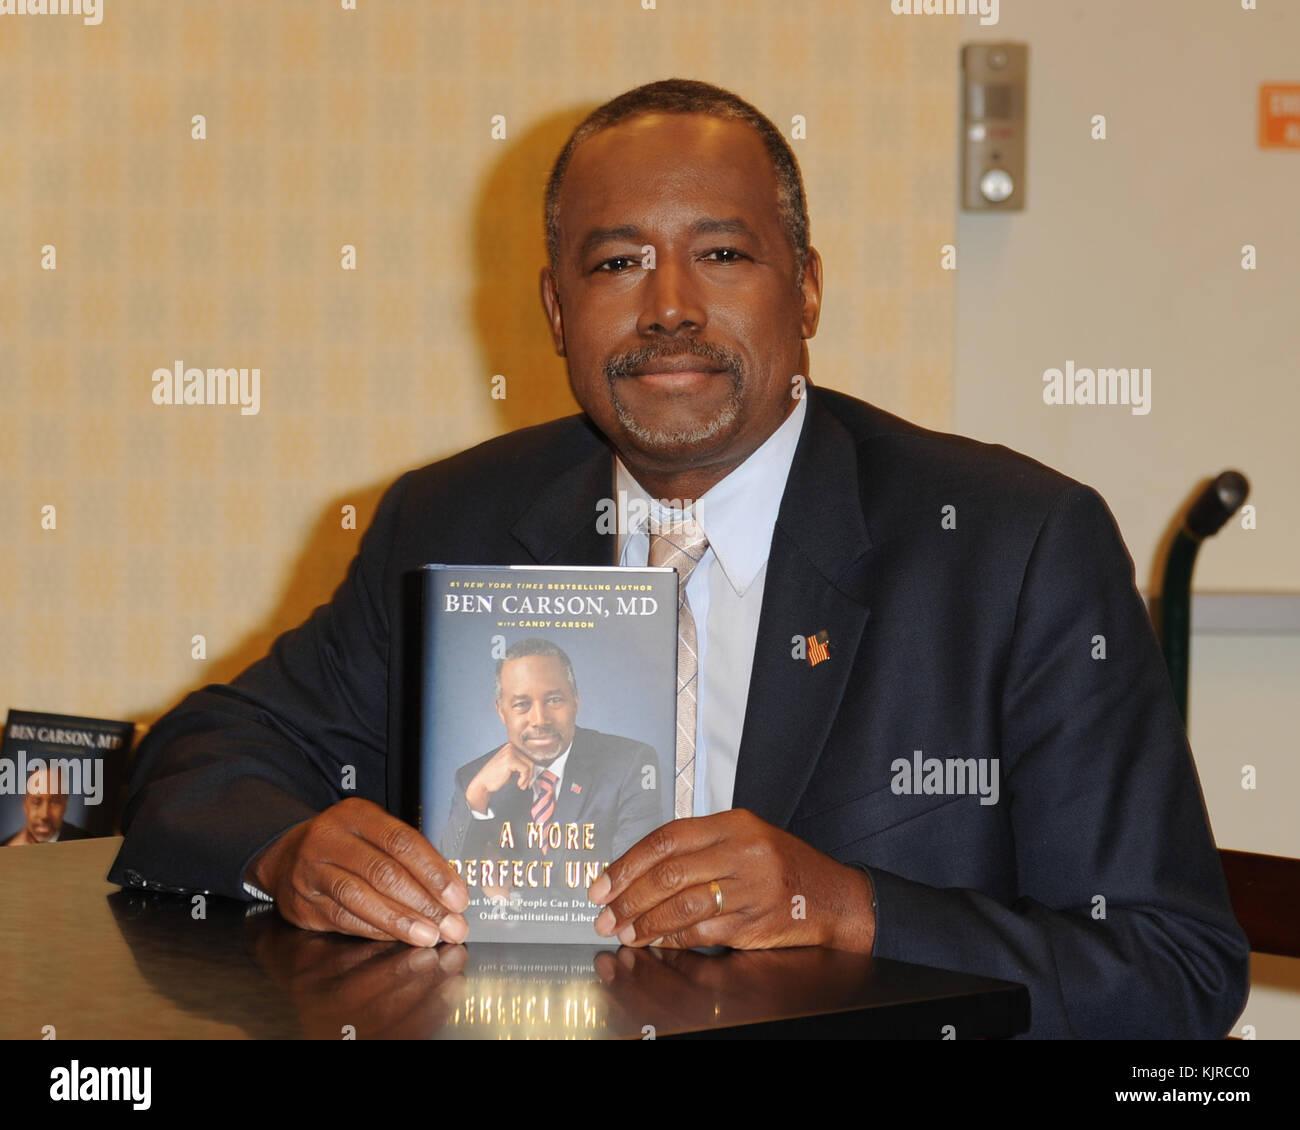 FORT LAUDERDALE FL - NOVEMBER 05: Presidential candidate Dr